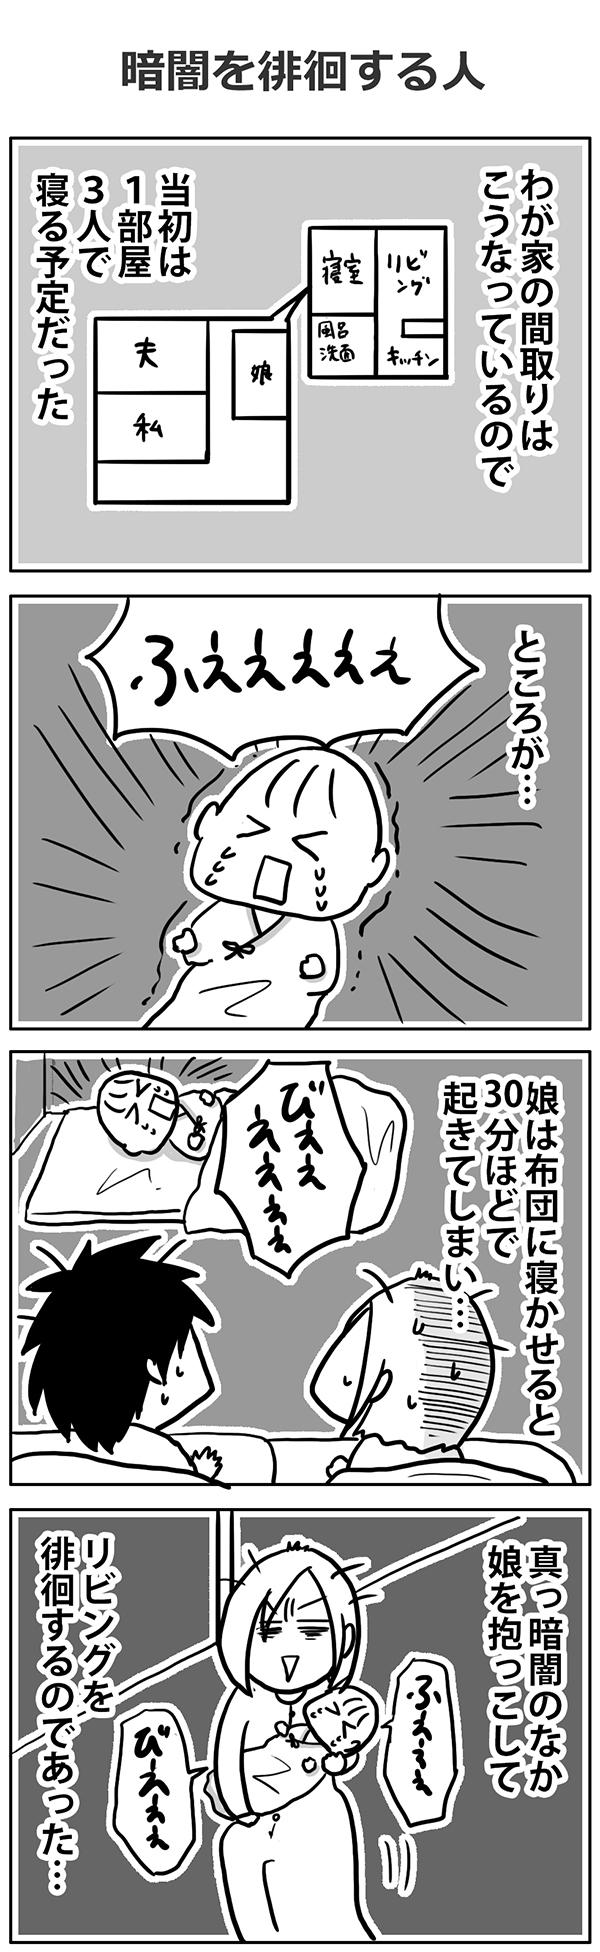 katakrico_53